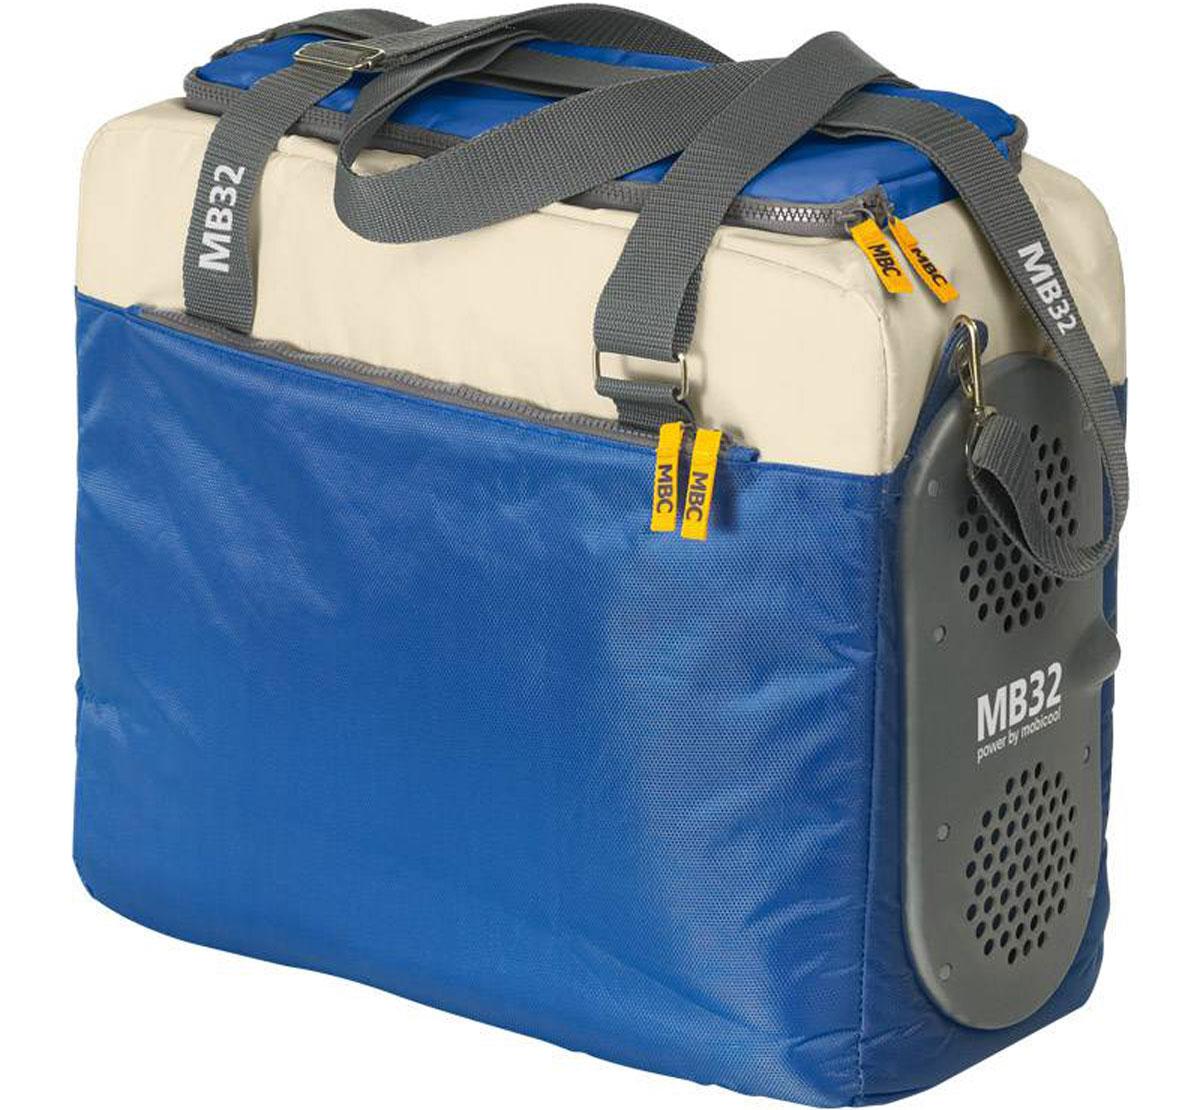 MOBICOOL MB32 DC термоэлектрическая сумка-холодильник9103500794MOBICOOL MB32 DC вместительная и надежная термоэлектрическая сумка-холодильник объемом 32 литра. Термосумка может поддерживать температуру на 15 °C ниже температуры окружающей среды. Внешний карман на молнии, ручки для переноски и отстегивающийся плечевой ремень прекрасно дополняют данную модель вместе с насыщенным цветом. Также имеется удобный U-образный доступ на молнии.